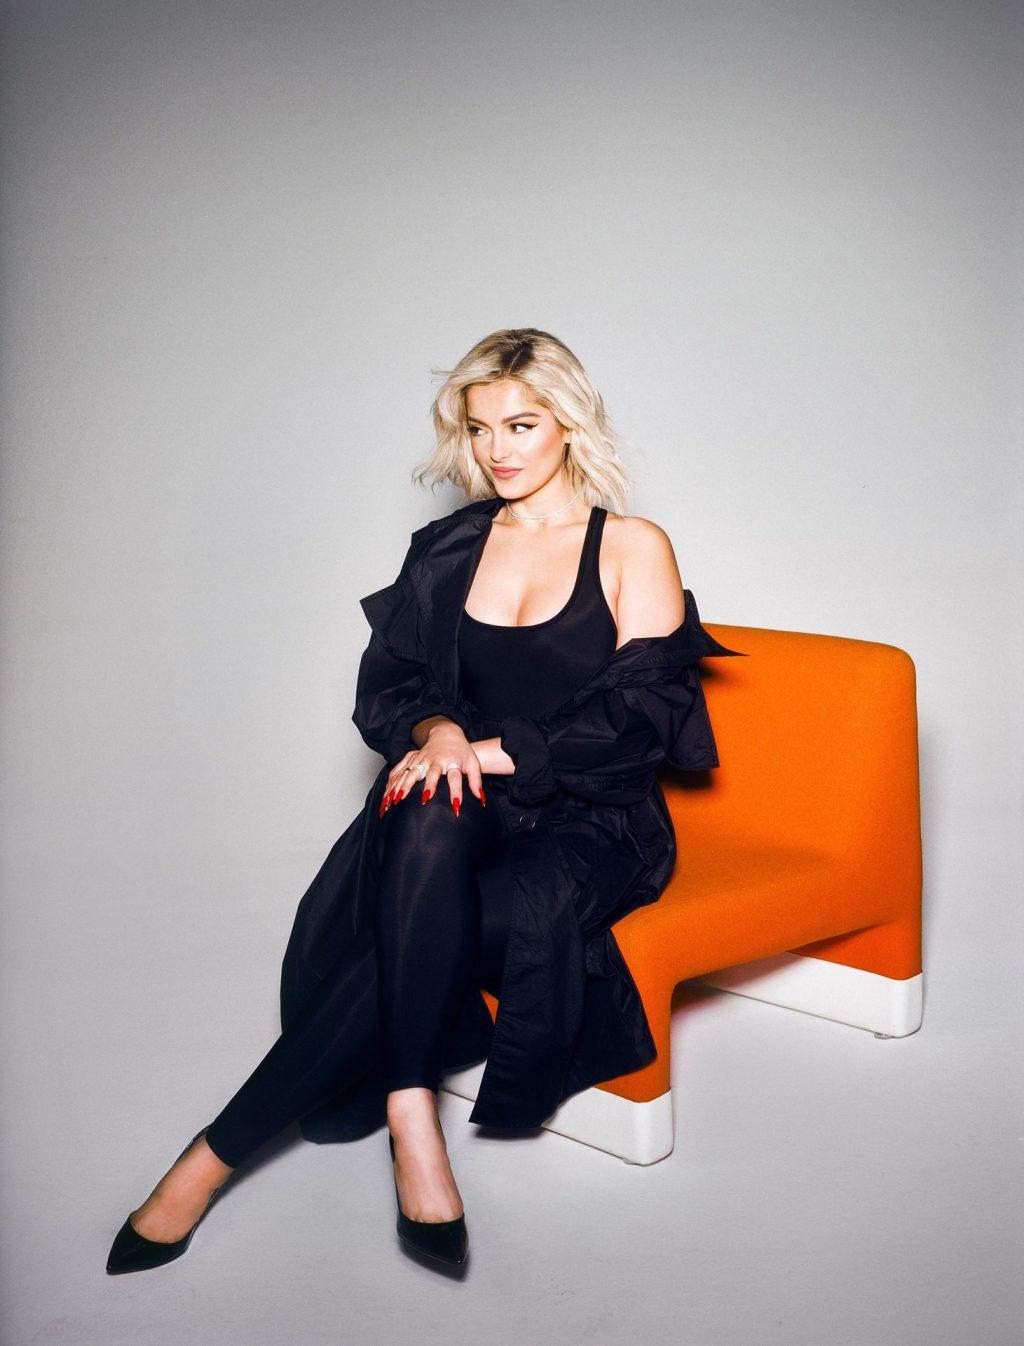 Bebe Rexha Sexy – Self Magazine (8 Photos)